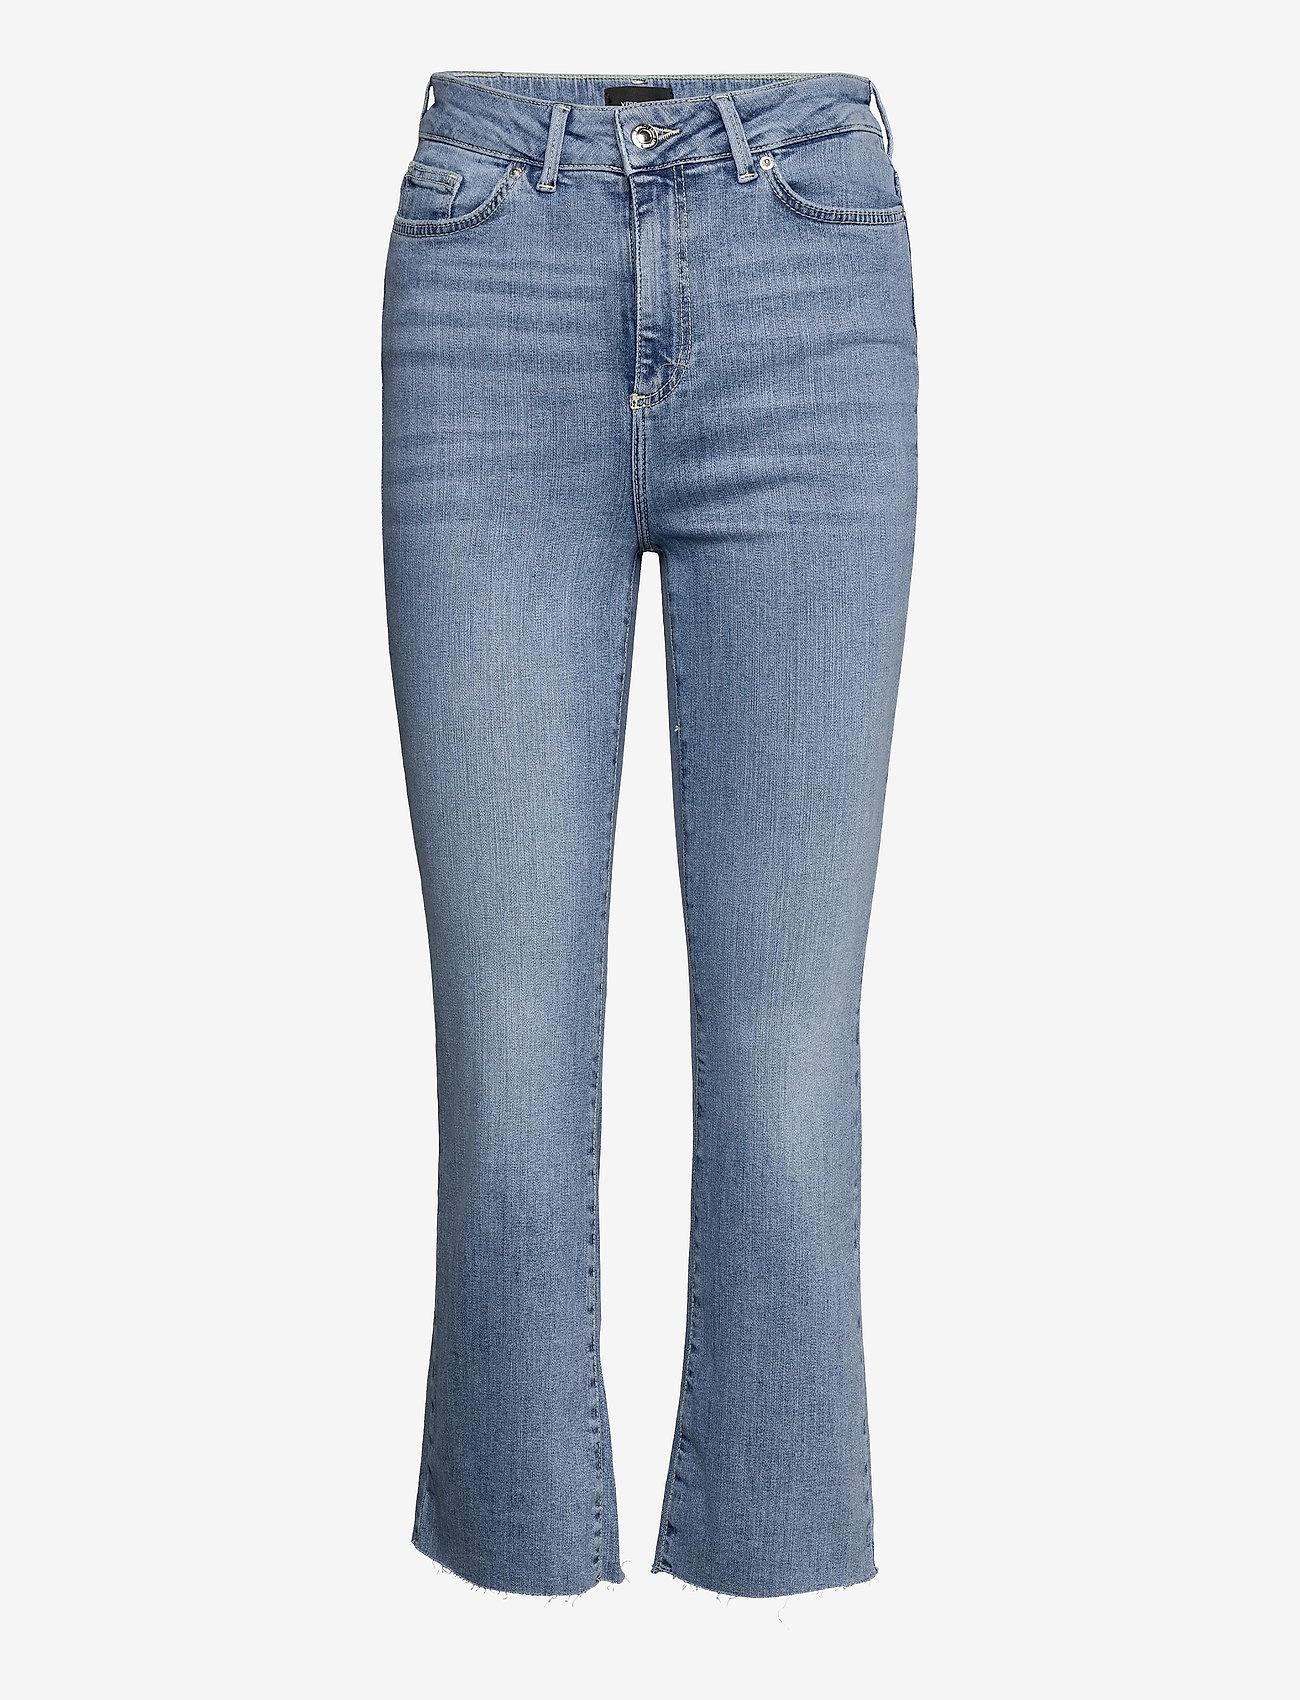 Vero Moda - VMSTELLA HR KICK FLARE JEANS BA3121 - utsvängda jeans - light blue denim - 0